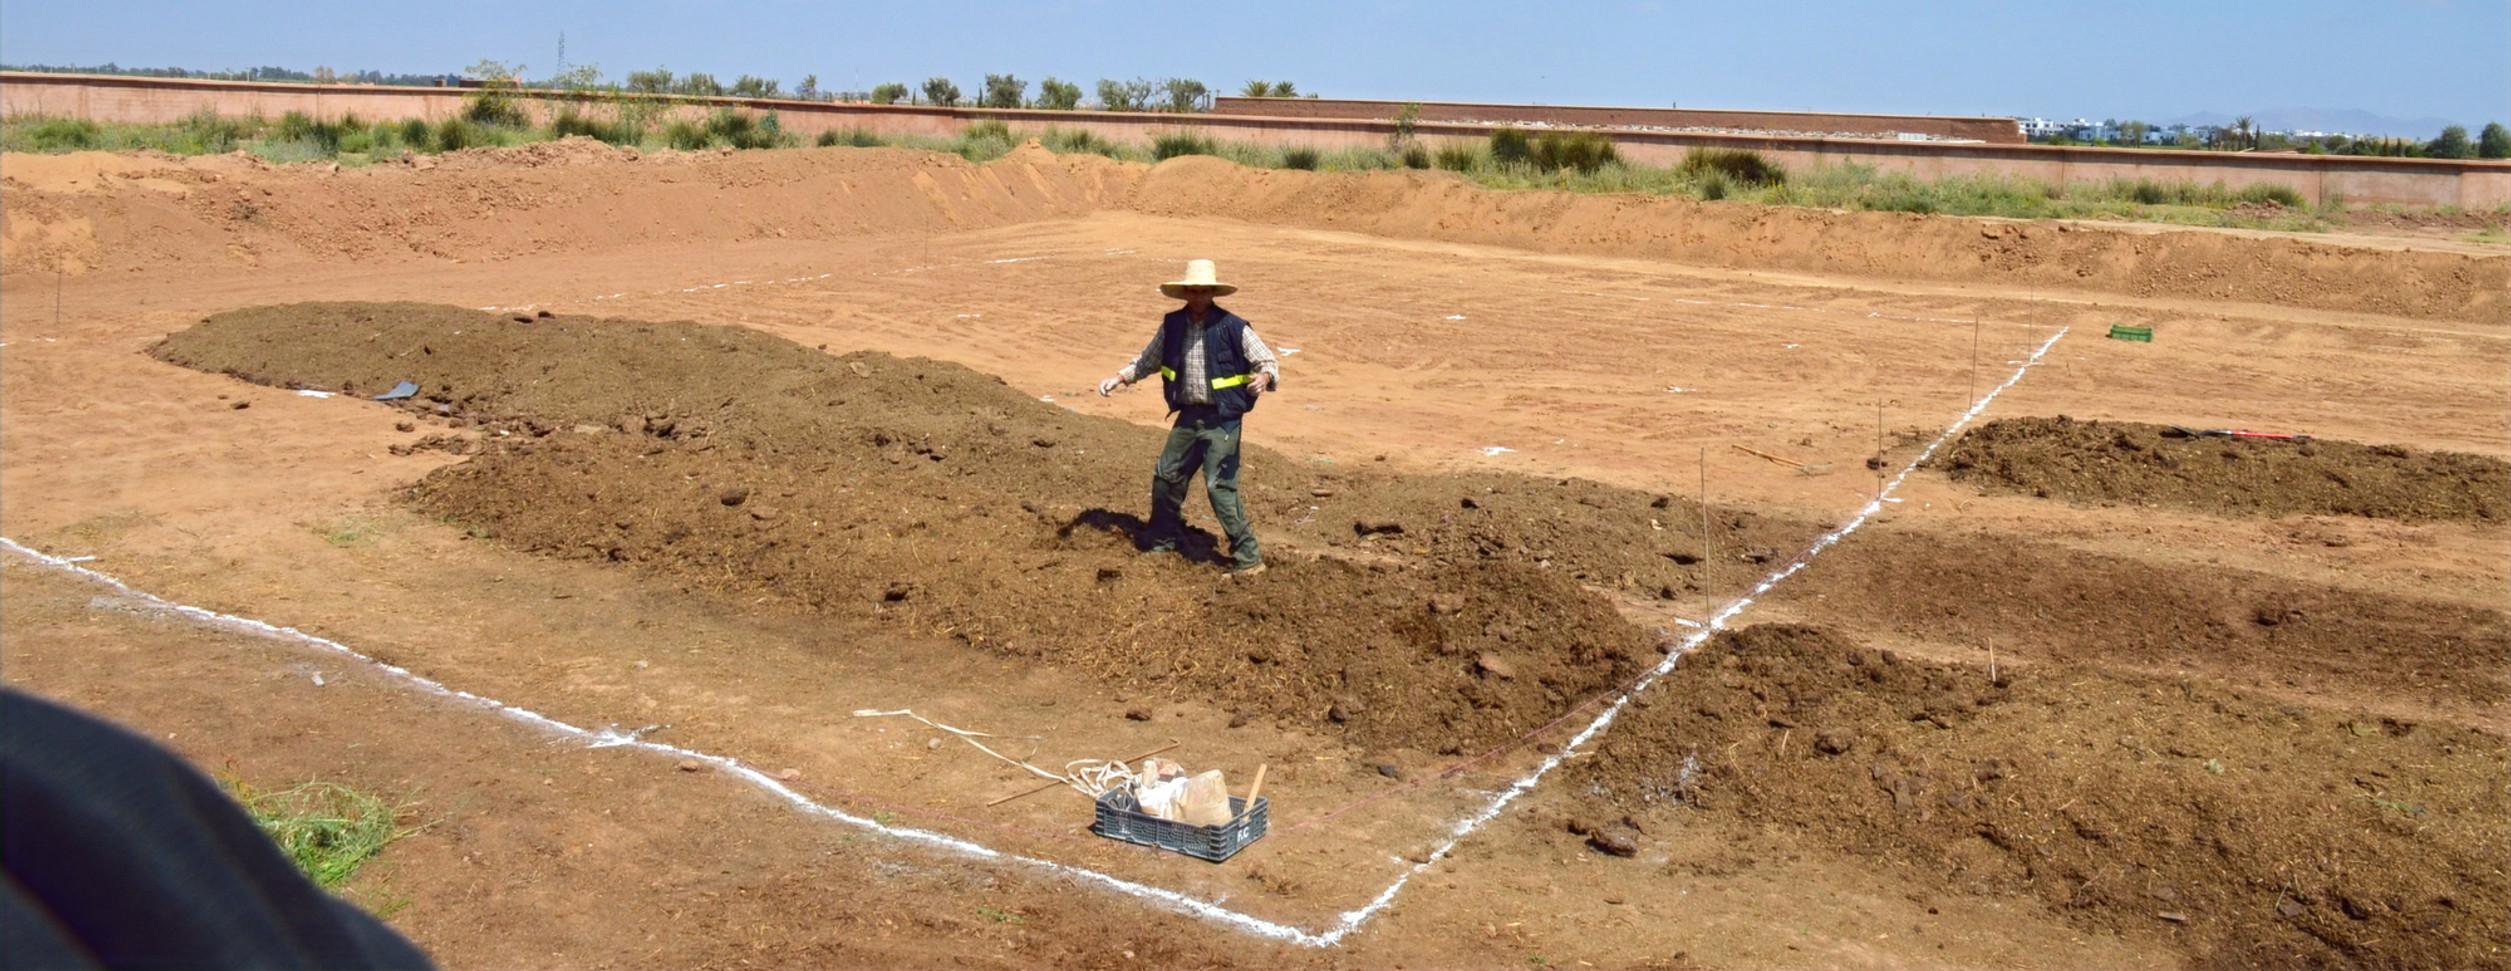 Marquage au sol des différents éléments du design, préparation de l'aire de pré-compostage...